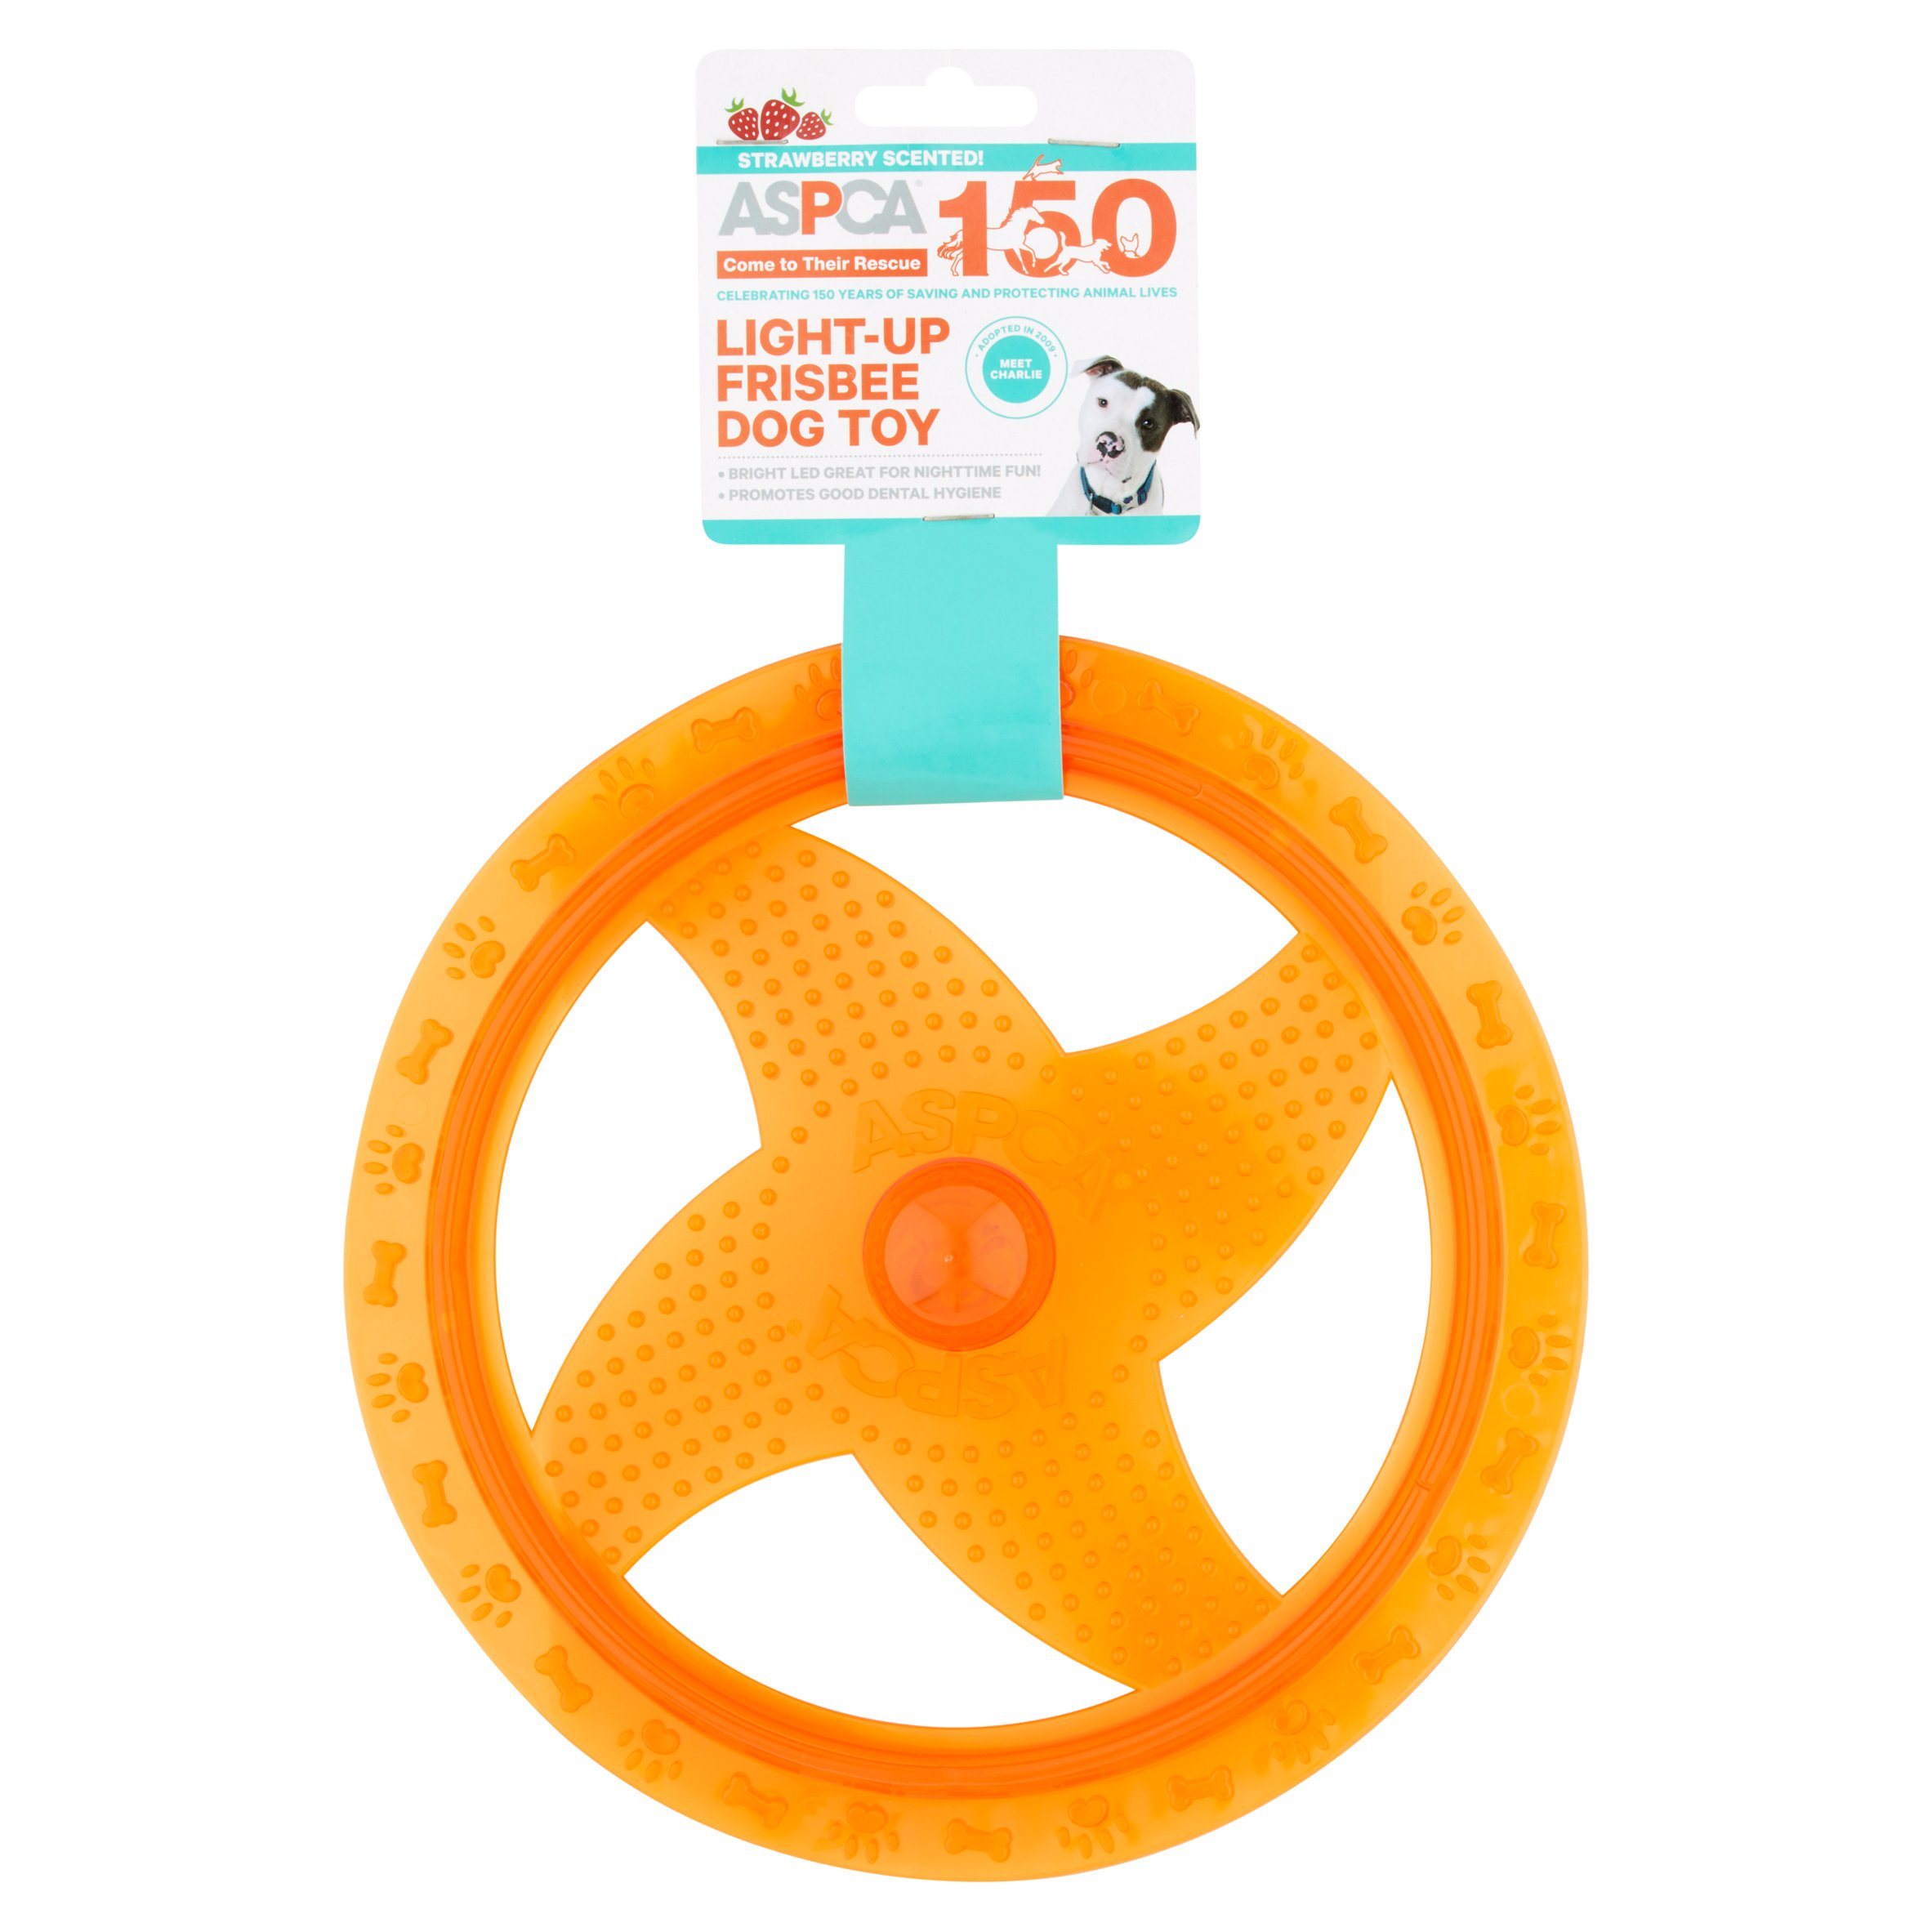 ASPCA Light-Up Frisbee Dog Toy